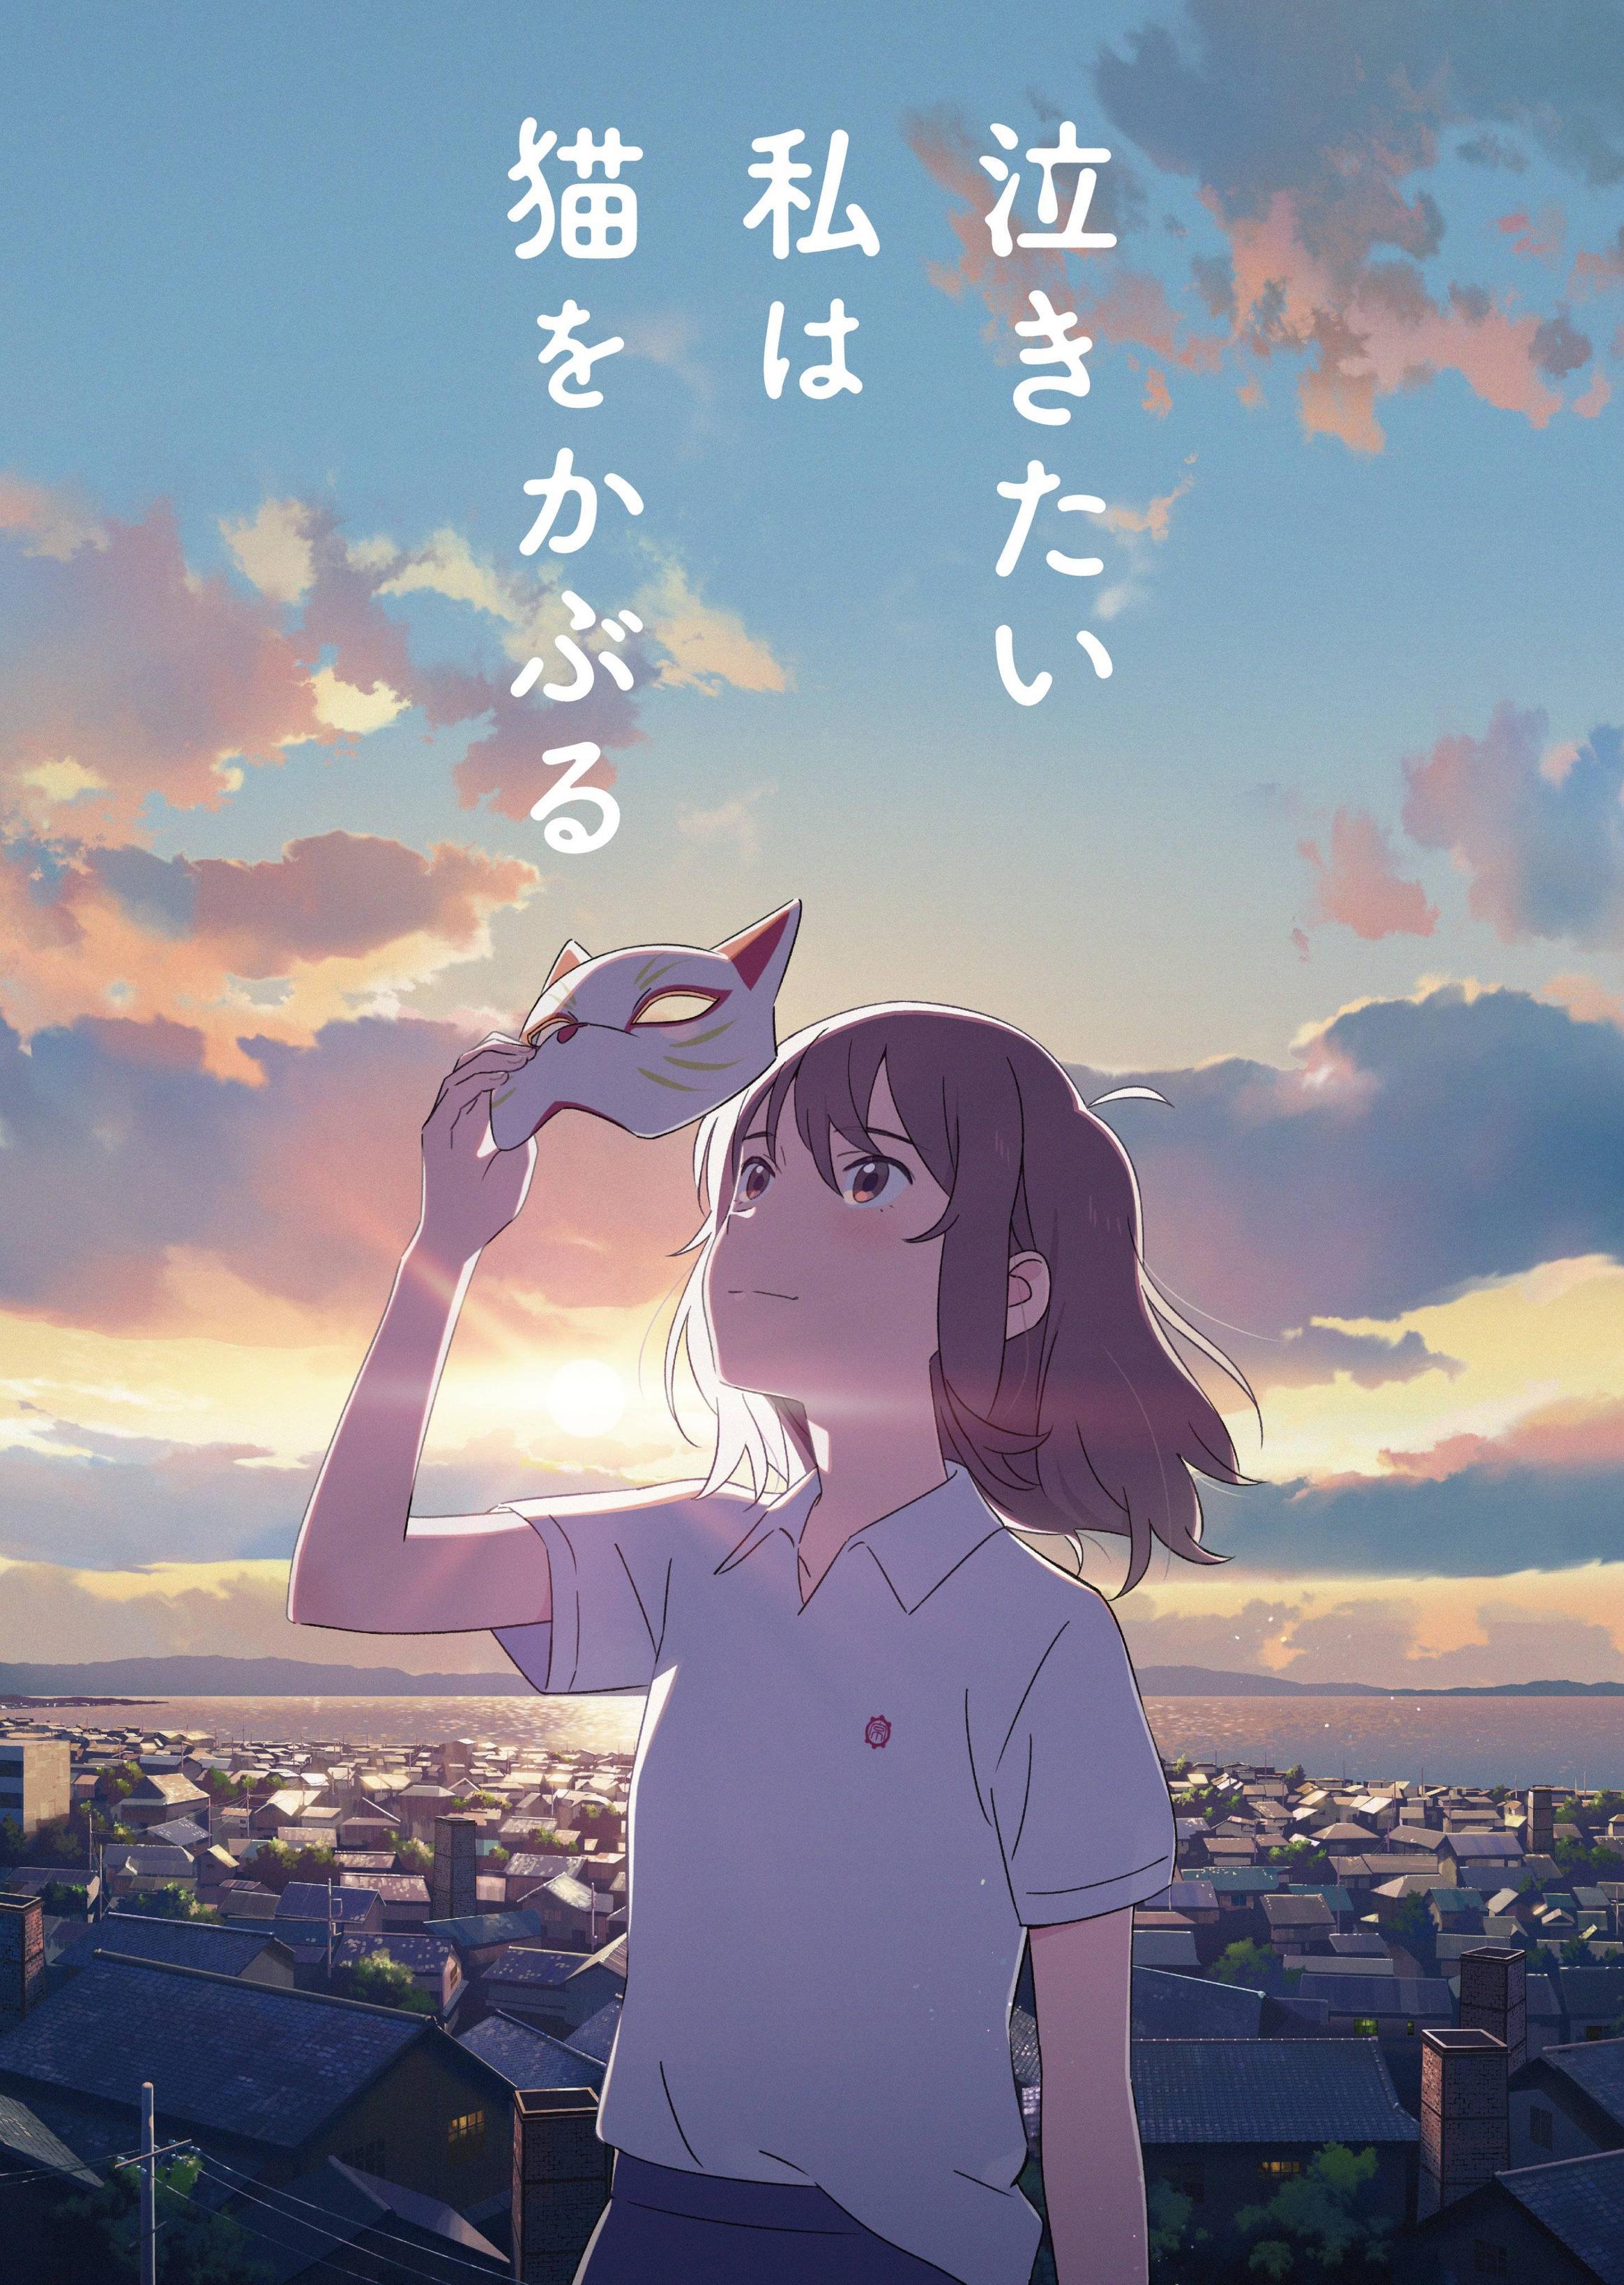 https://mirai.ai/wp-content/uploads/Nakitai-Watashi-wa-Neko-wo-Kaburu.jpg